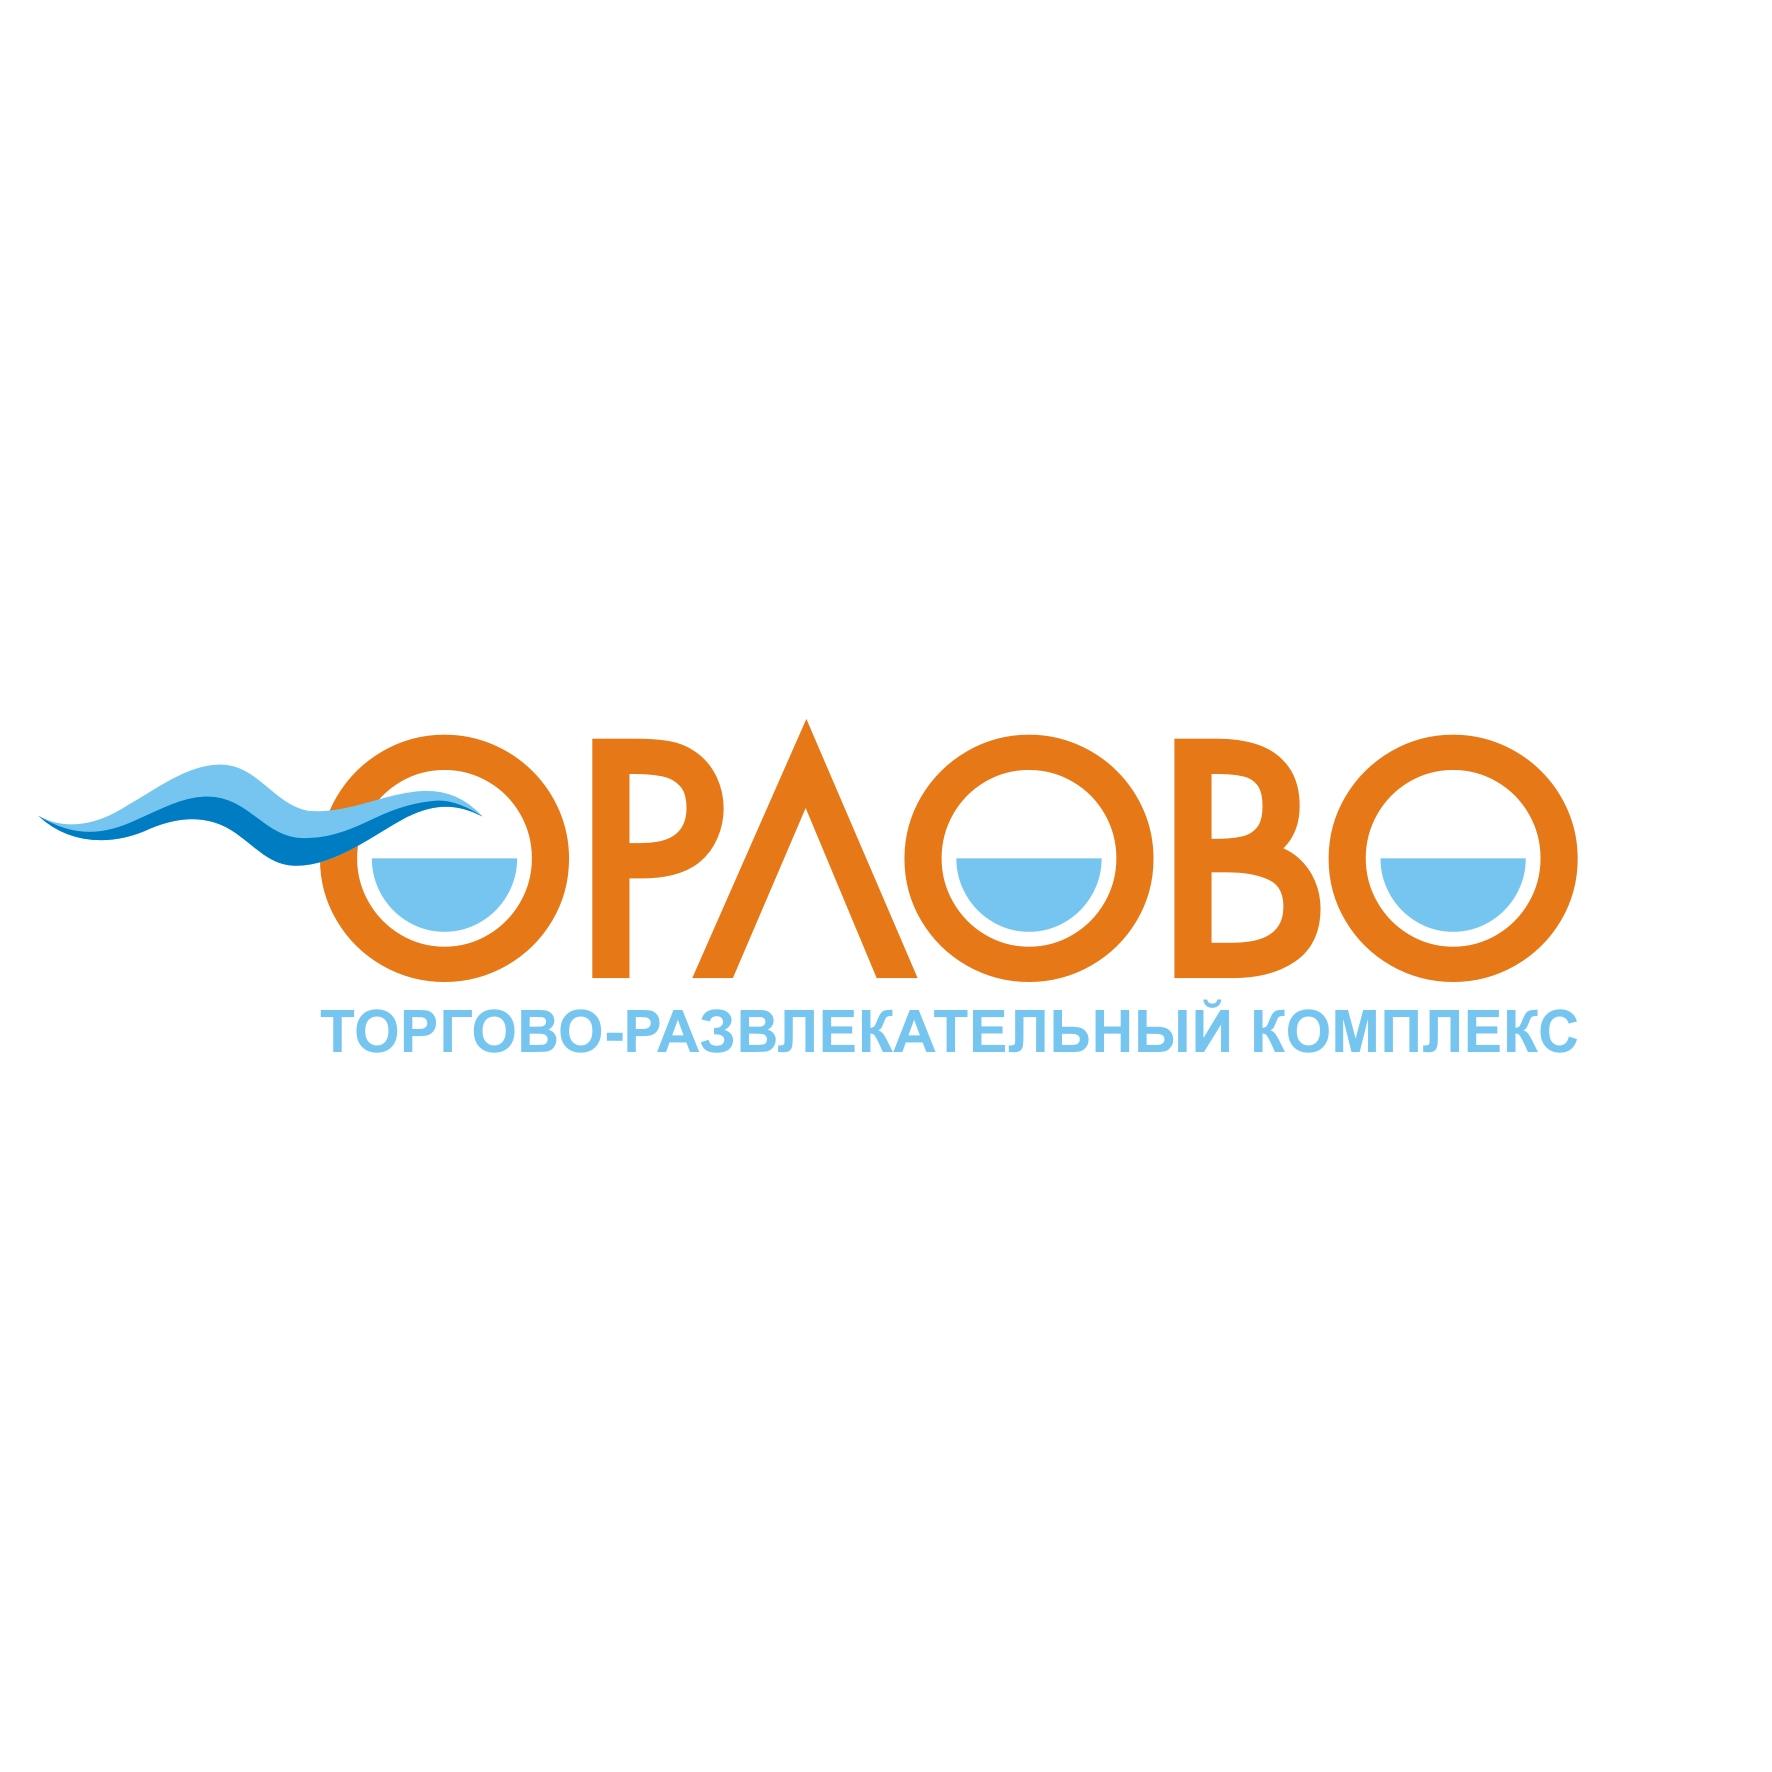 Разработка логотипа для Торгово-развлекательного комплекса фото f_233596684f72c6d3.jpg